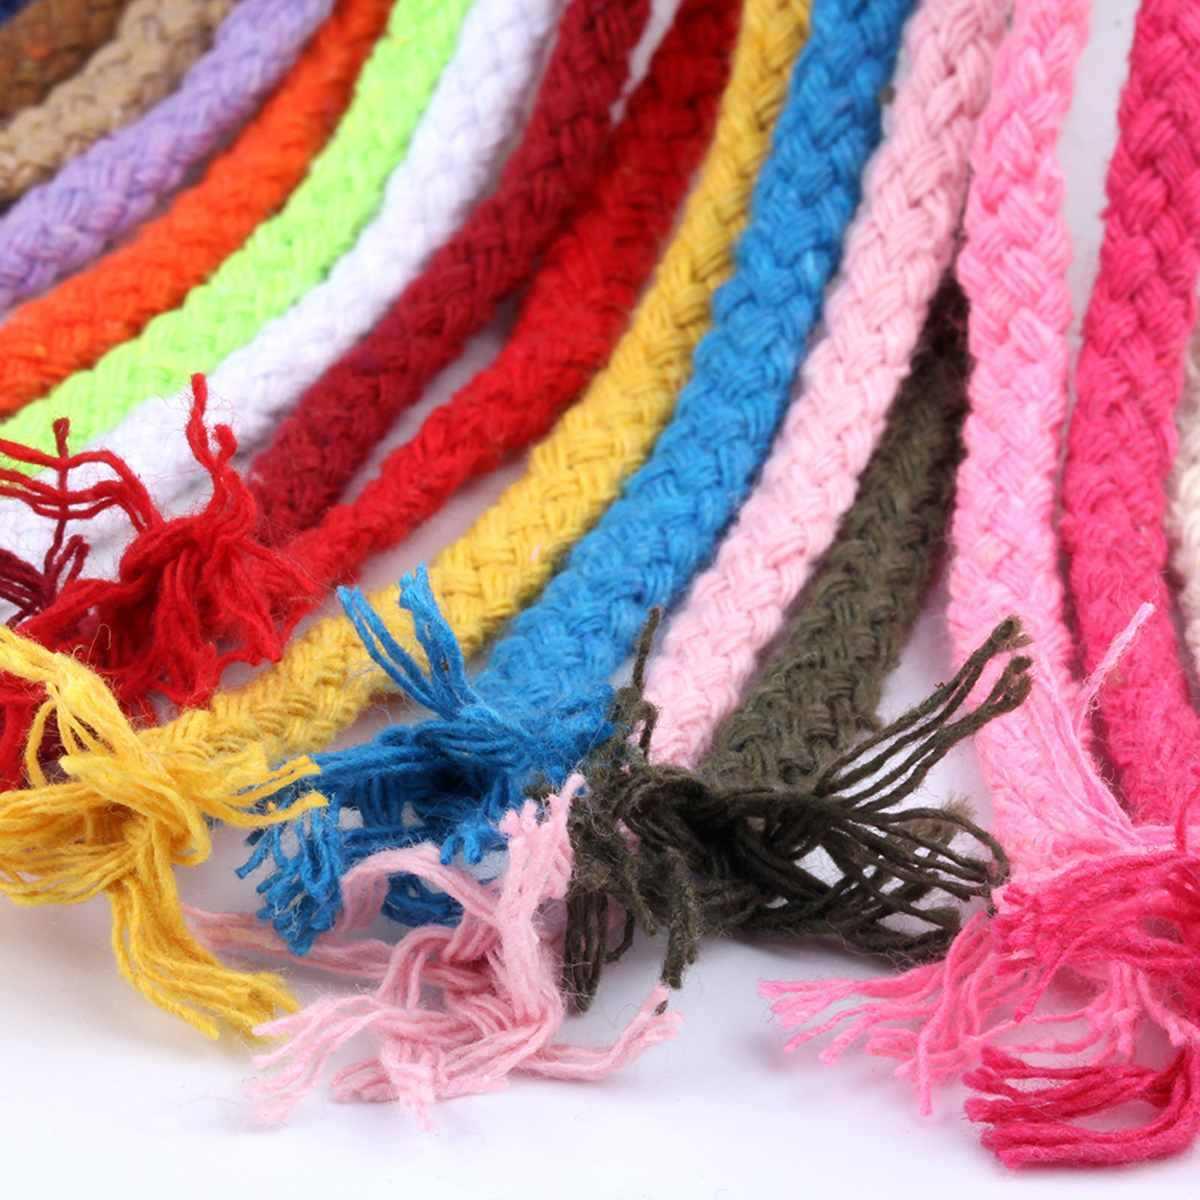 Cor 100 M 5 11mm 109 Metros de Corda de Algodão Trançado Macrame Cord DIY Handmade Artesanato Tecido Fio Trançado de Corda home Textile Decor